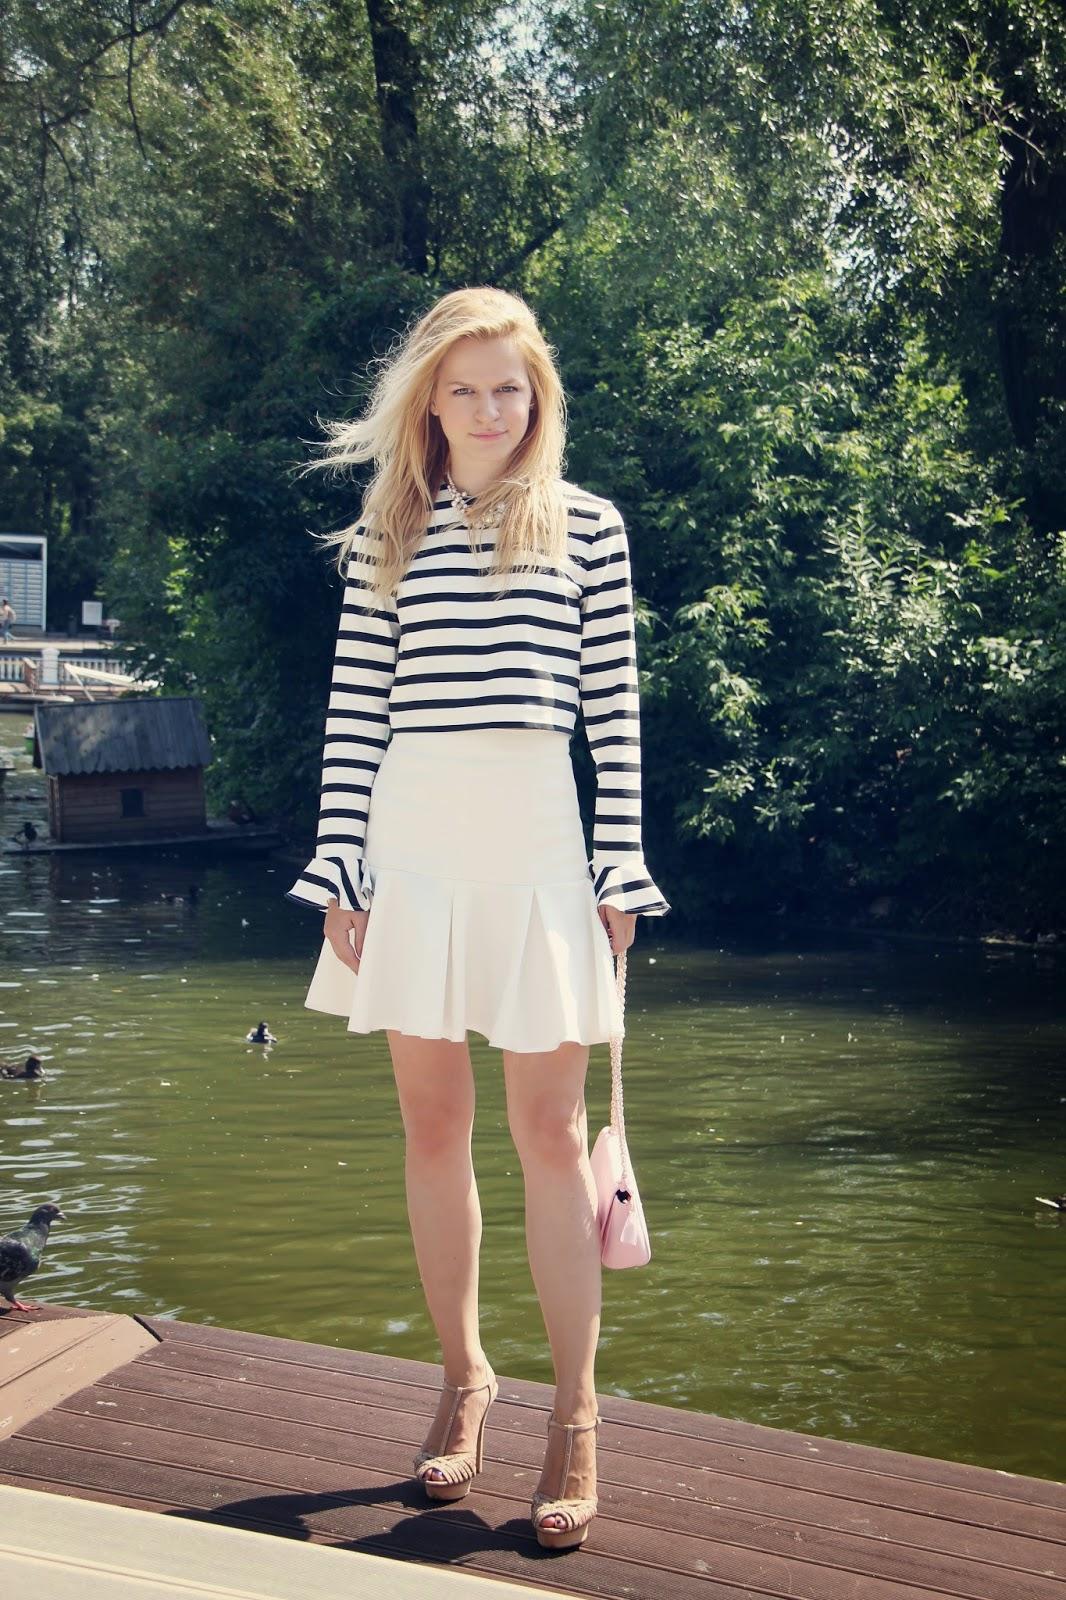 Ирина Павлова блогер, блог коста мода, как носить топ, модные тенденции, летние луки